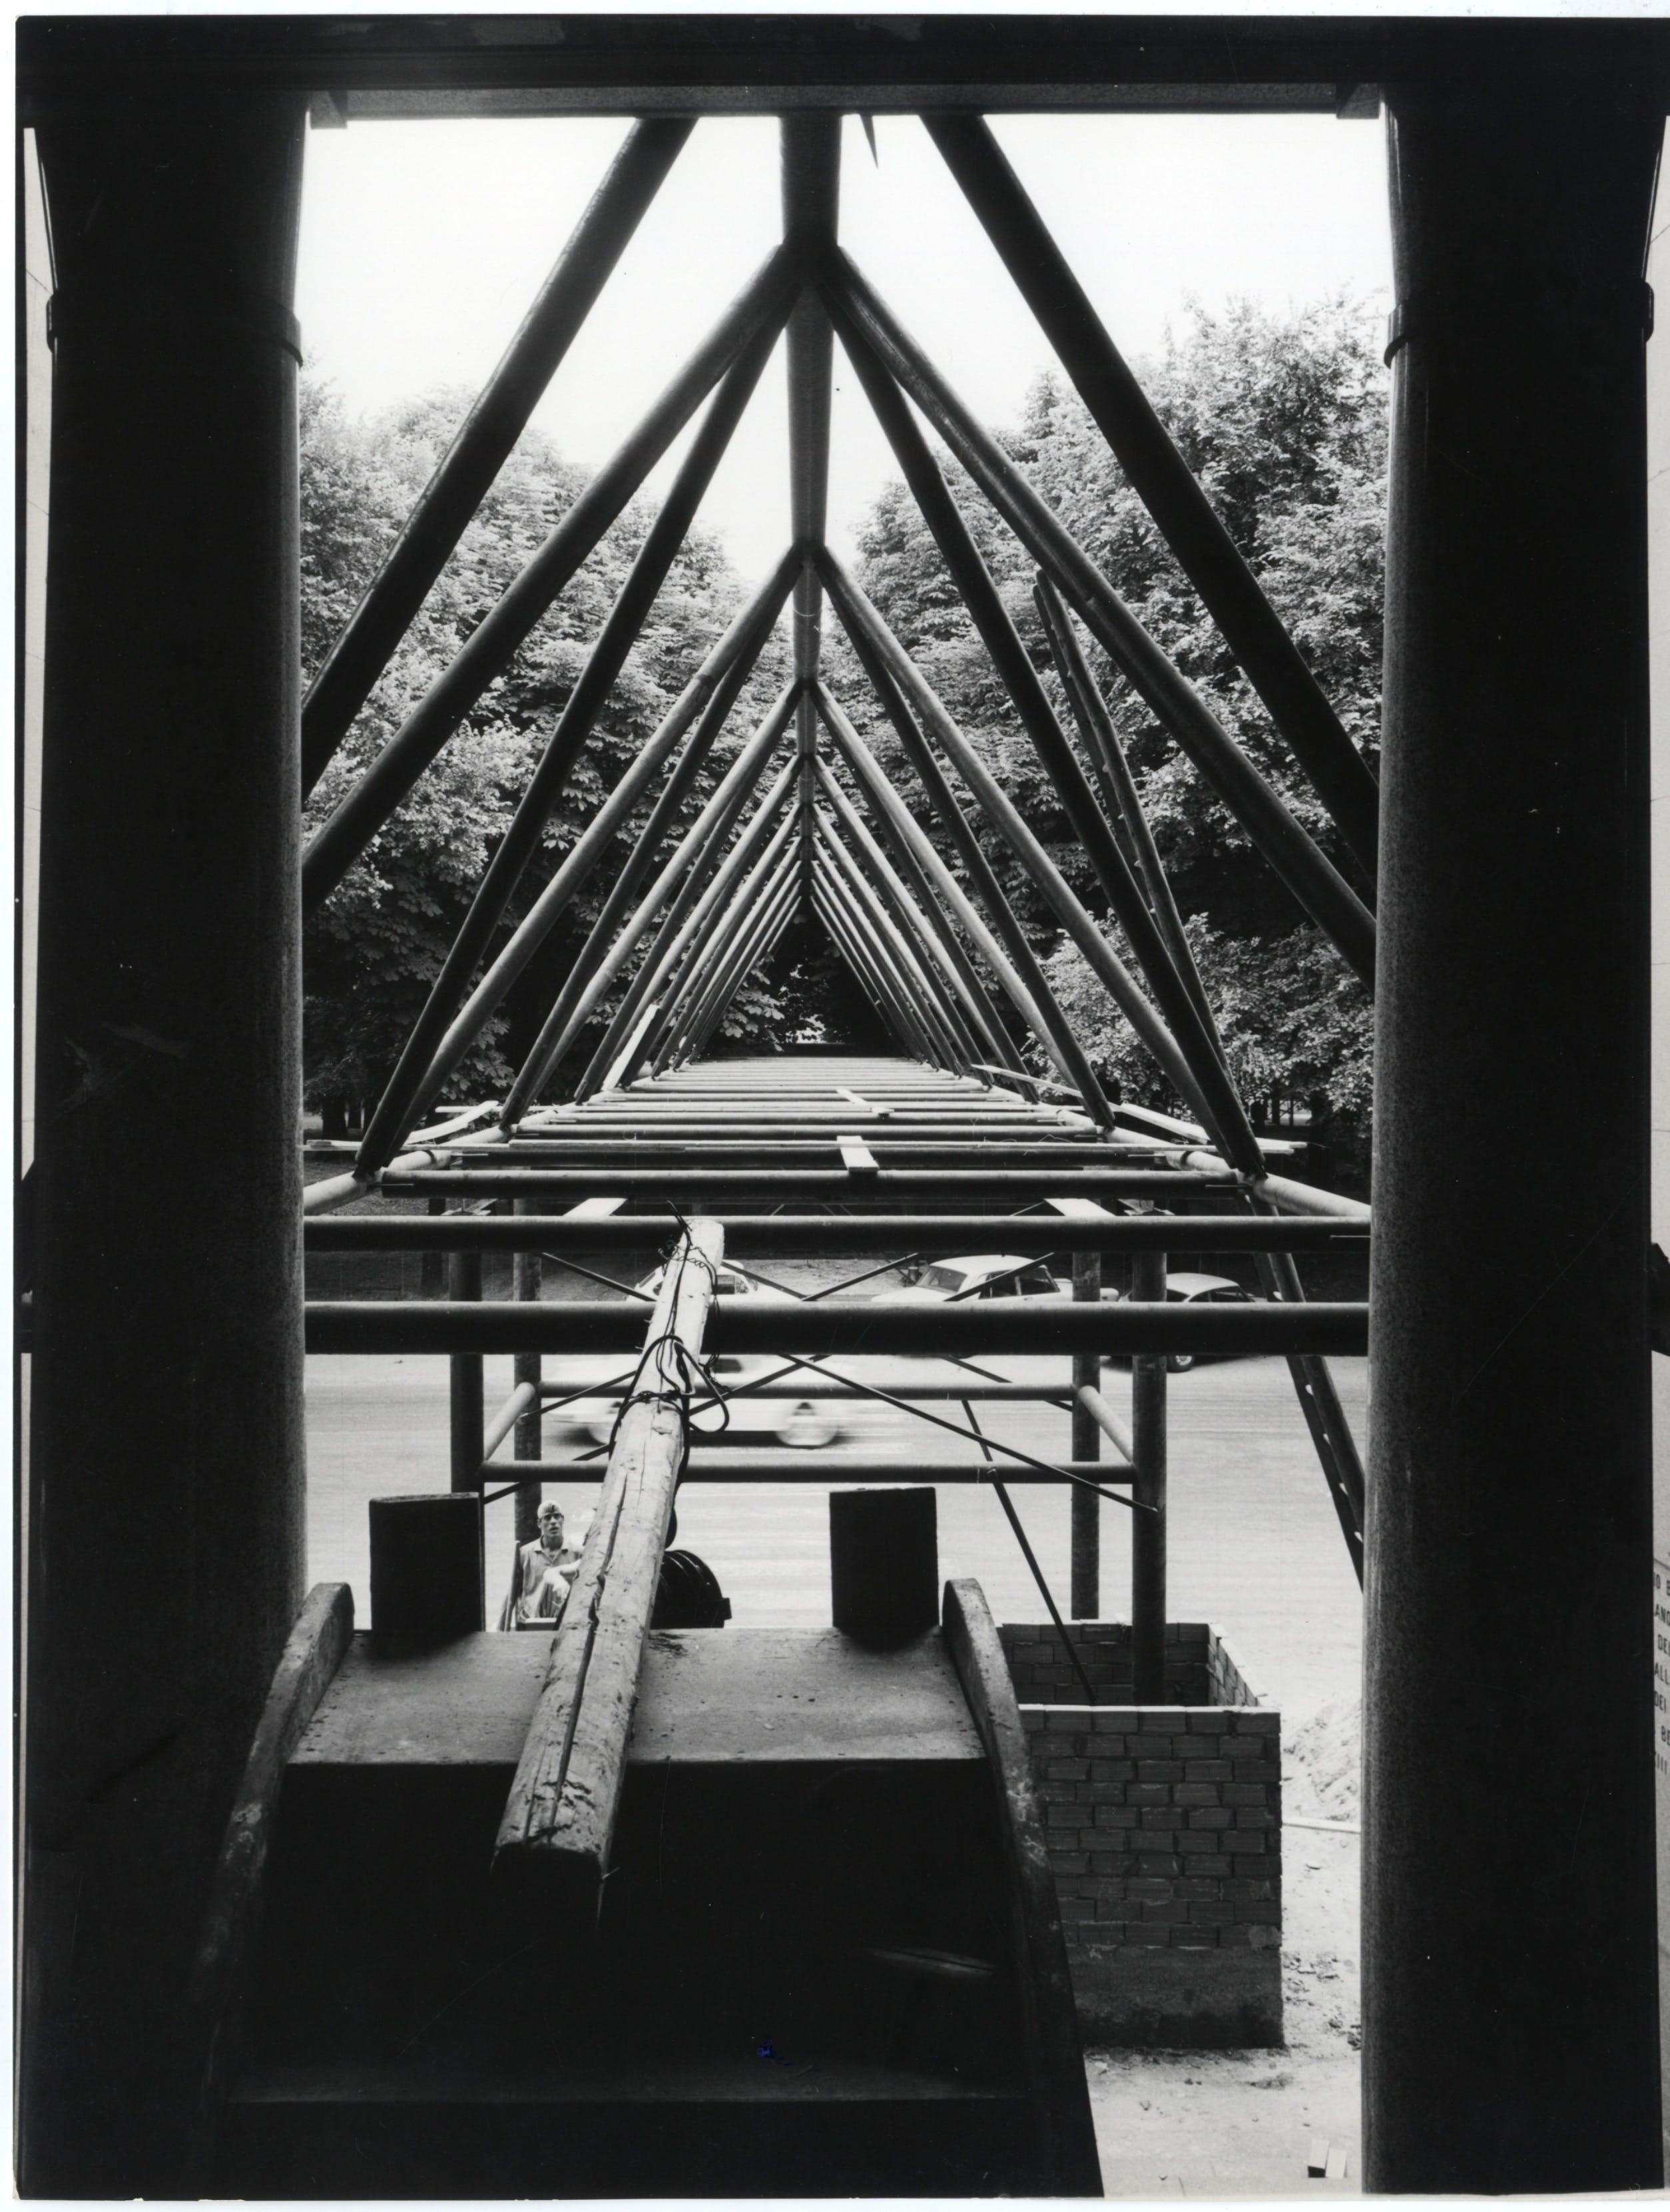 1964, XIII Triennale, Facciata d'ingresso del Palazzo dell'Arte con il ponte in ferro di Aldo Rossi e Luca Meda